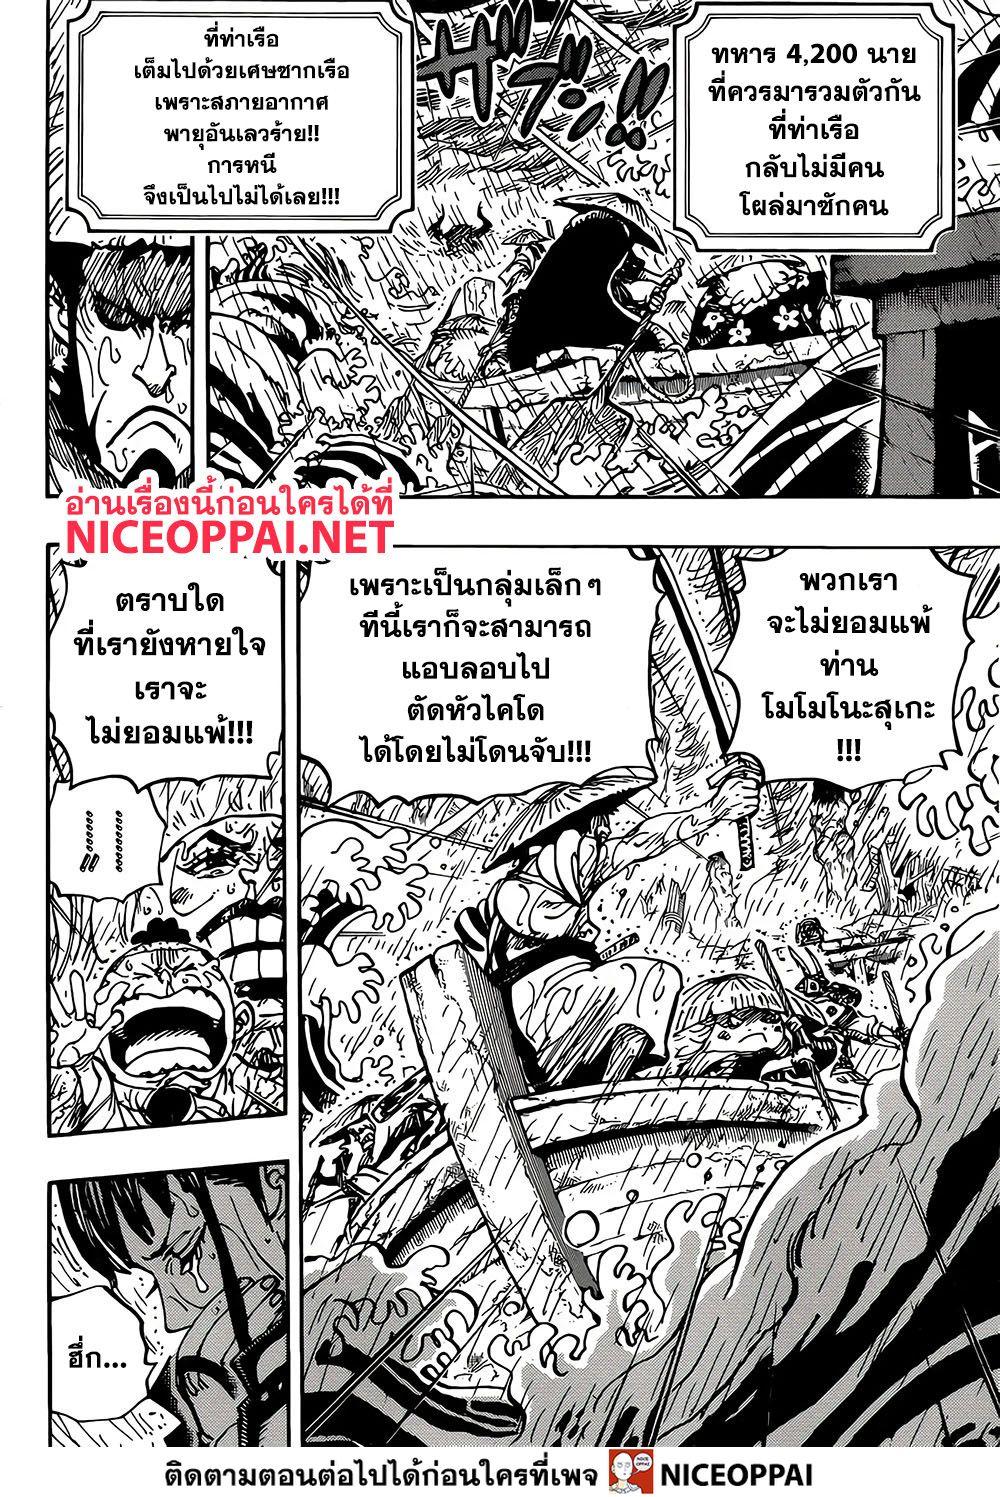 อ่านการ์ตูน One Piece ตอนที่ 974 หน้าที่ 9